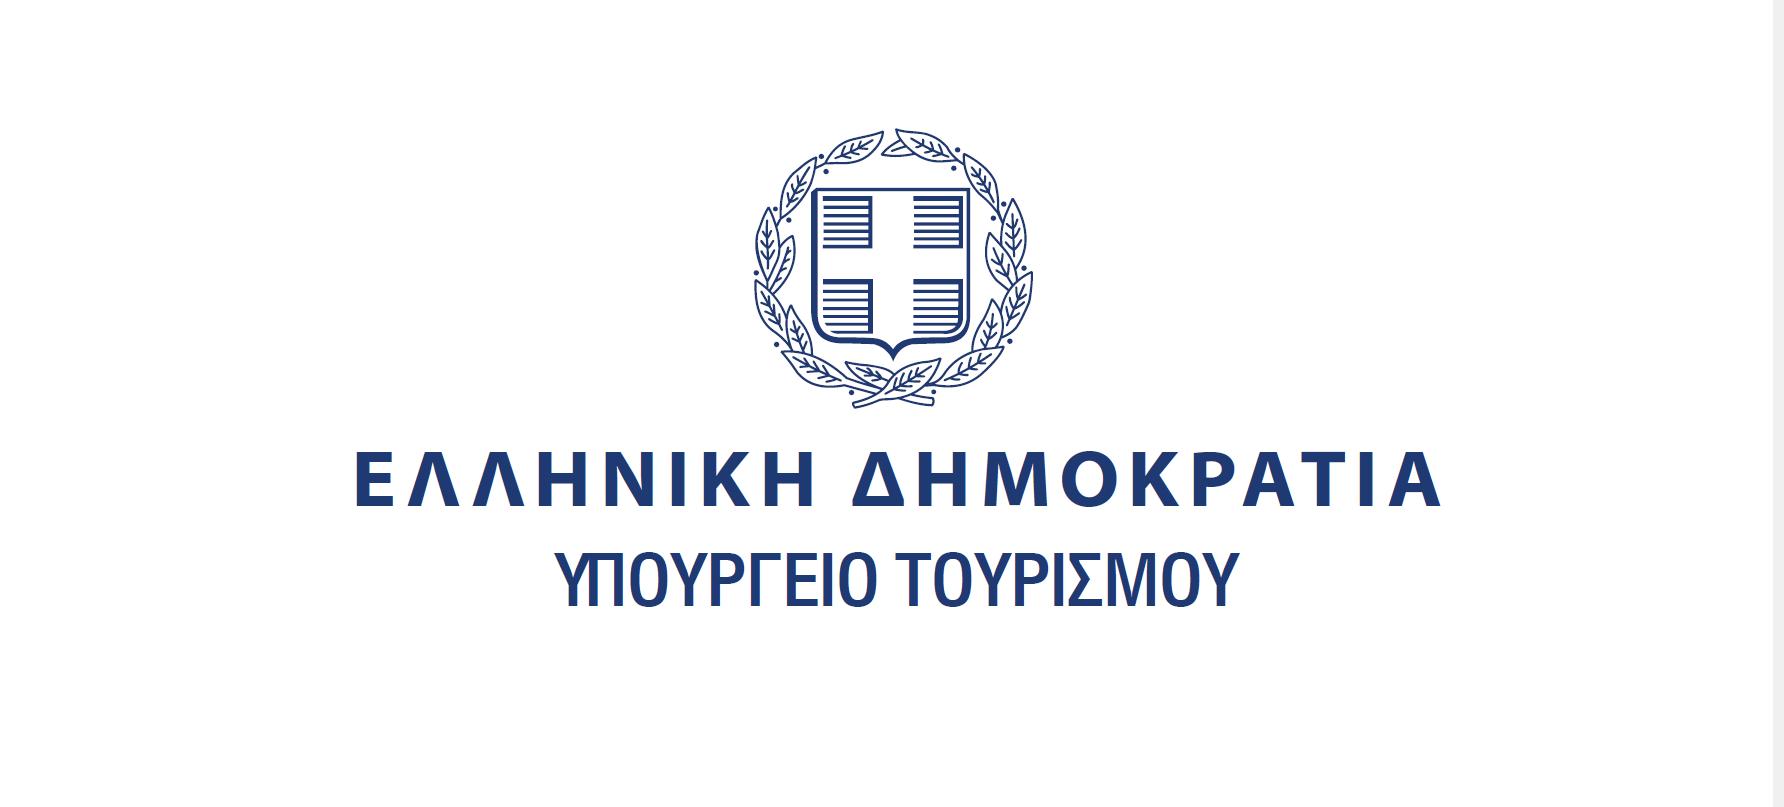 Υπουργείο Τουρισμού: Η απάντηση στον Οίκο Dior για εκδηλώσεις στην Ελλάδα